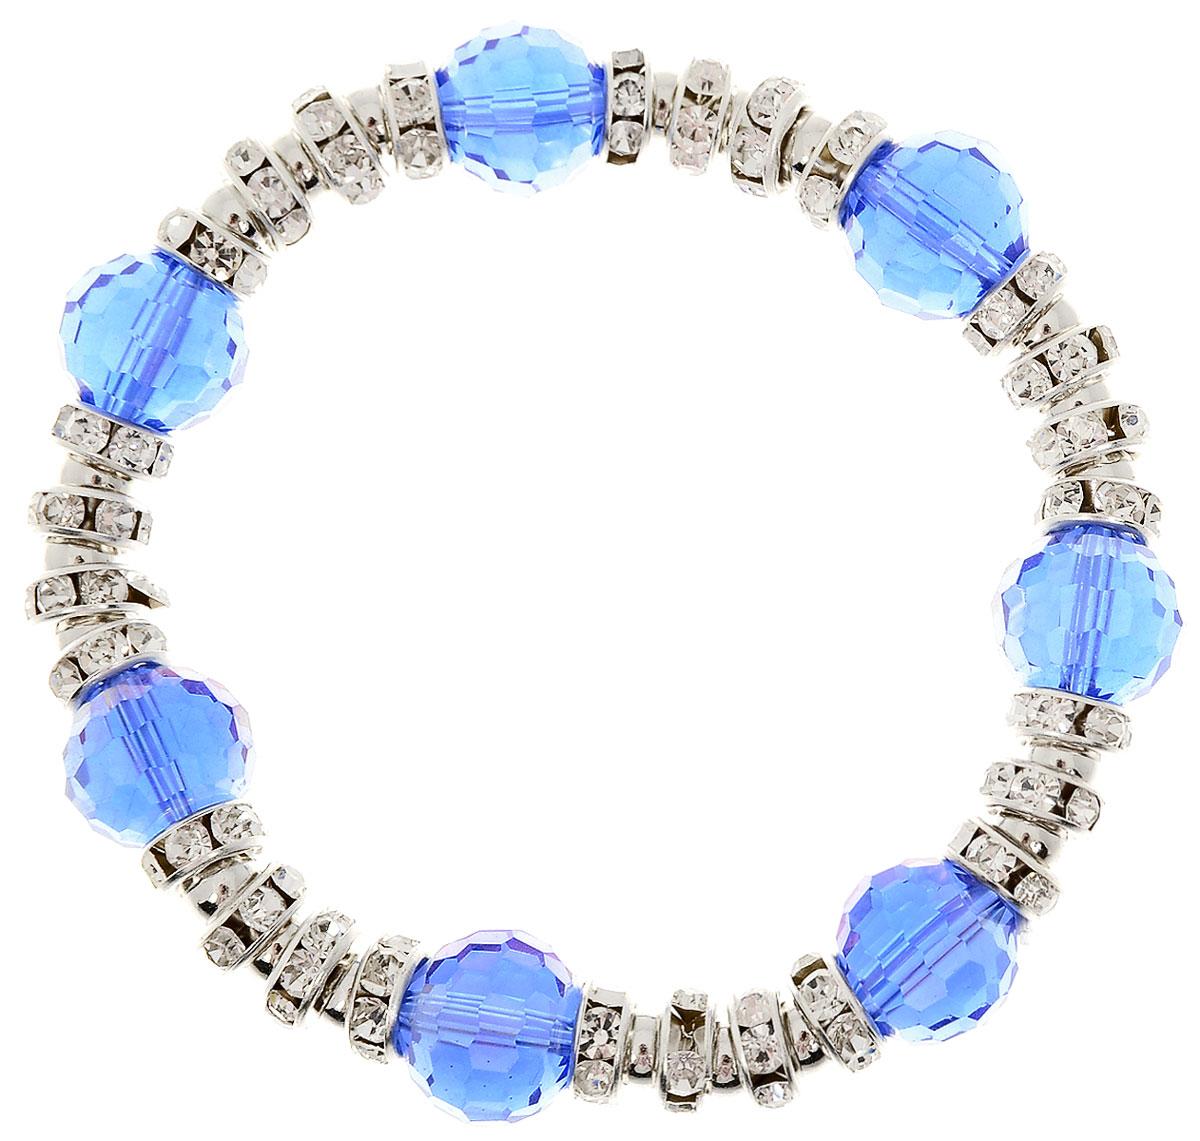 Браслет Taya, цвет: темно-синий. T-B-11921-BRAC-NAVY39864|Серьги с подвескамиУдобный универсальный браслет на резинке. Можно носить его как дополнение к часам или к другим браслетам TAYA.